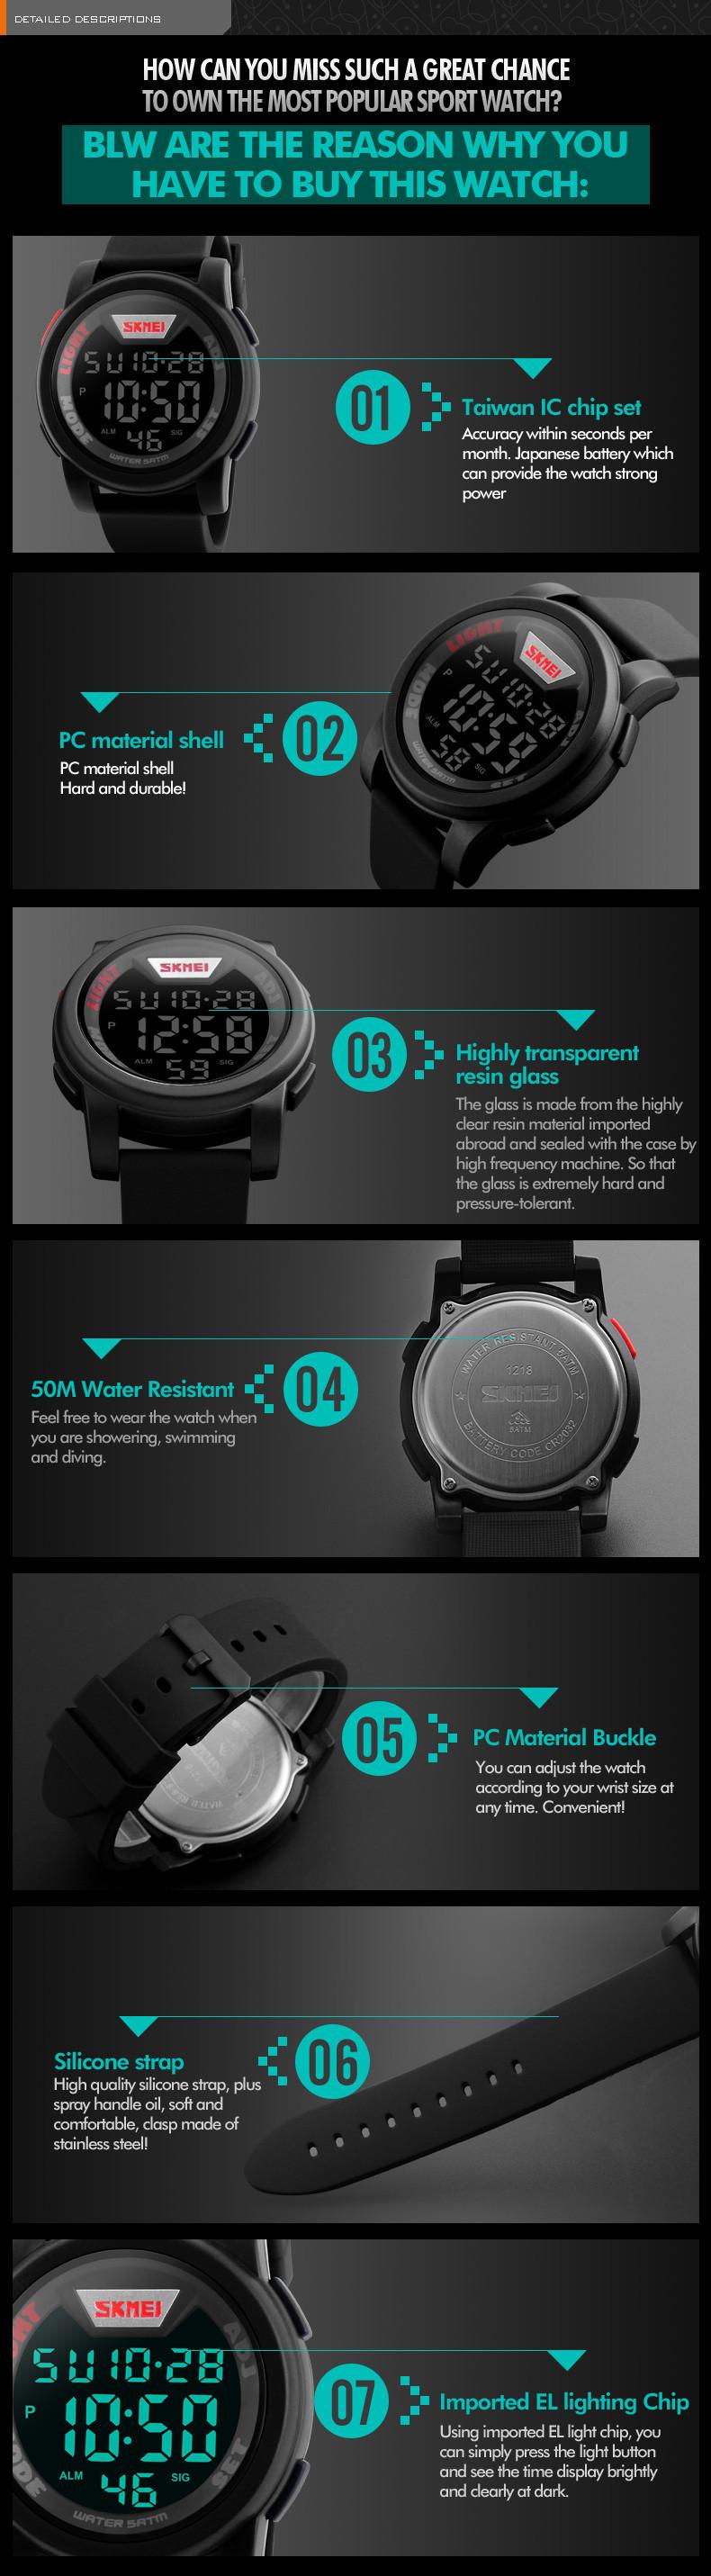 HTB1sWe3NXXXXXcFaXXXq6xXFXXXJ - SKMEI SIMPLE Sport Watch for Men